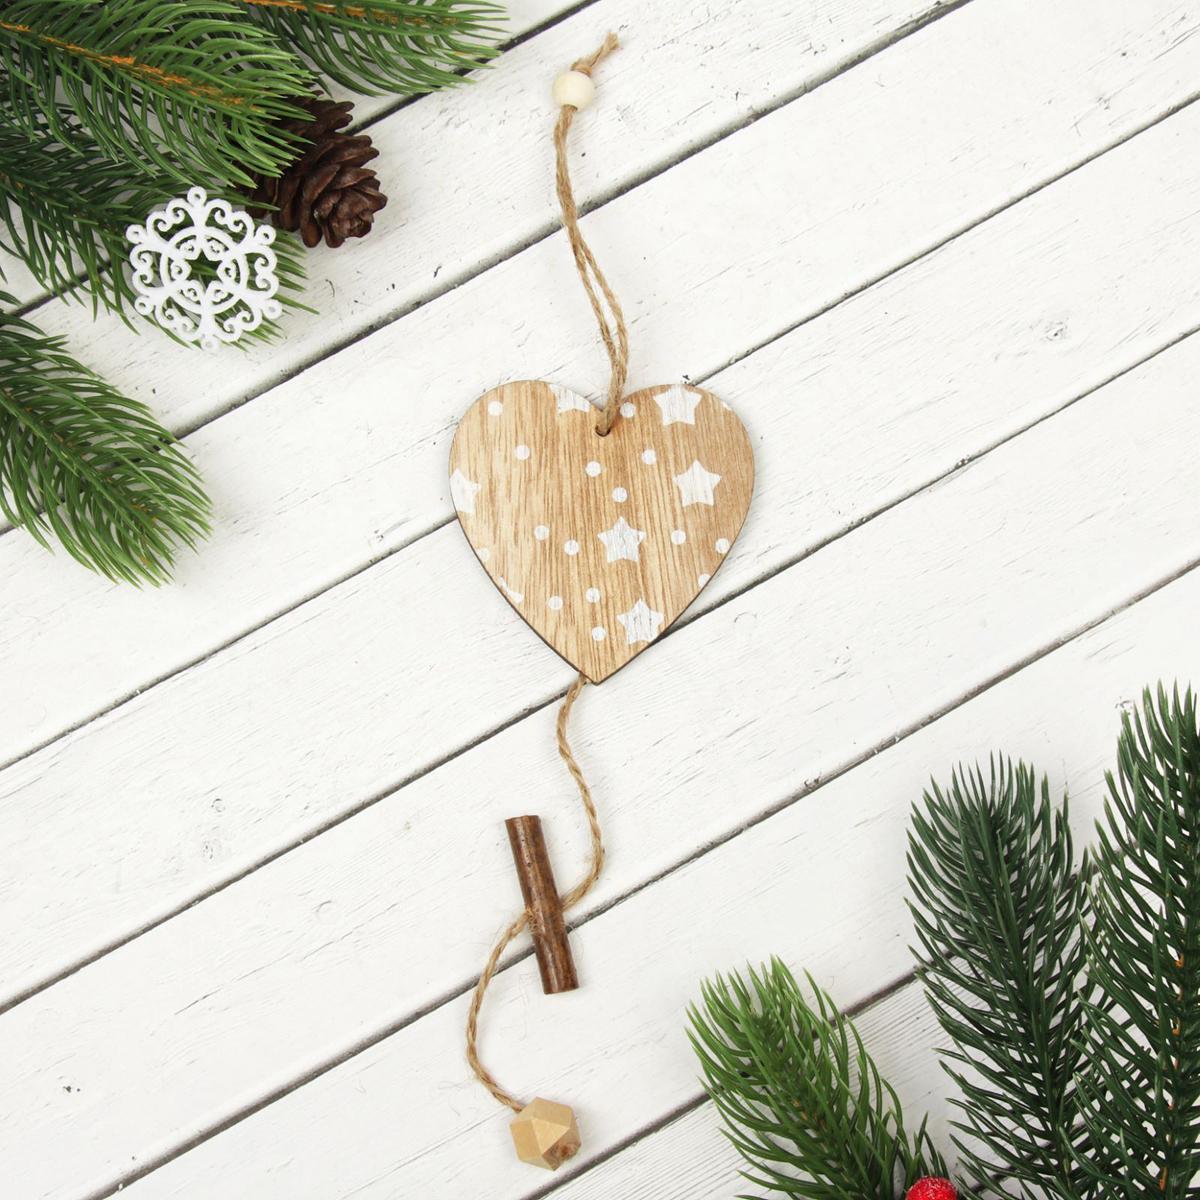 Подвеска новогодняя Сердце в звездах2303240Невозможно представить нашу жизнь без праздников! Мы всегда ждем их и предвкушаем, обдумываем, как проведем памятный день, тщательно выбираем подарки и аксессуары, ведь именно они создают и поддерживают торжественный настрой. Это отличный выбор, который привнесет атмосферу праздника в ваш дом!